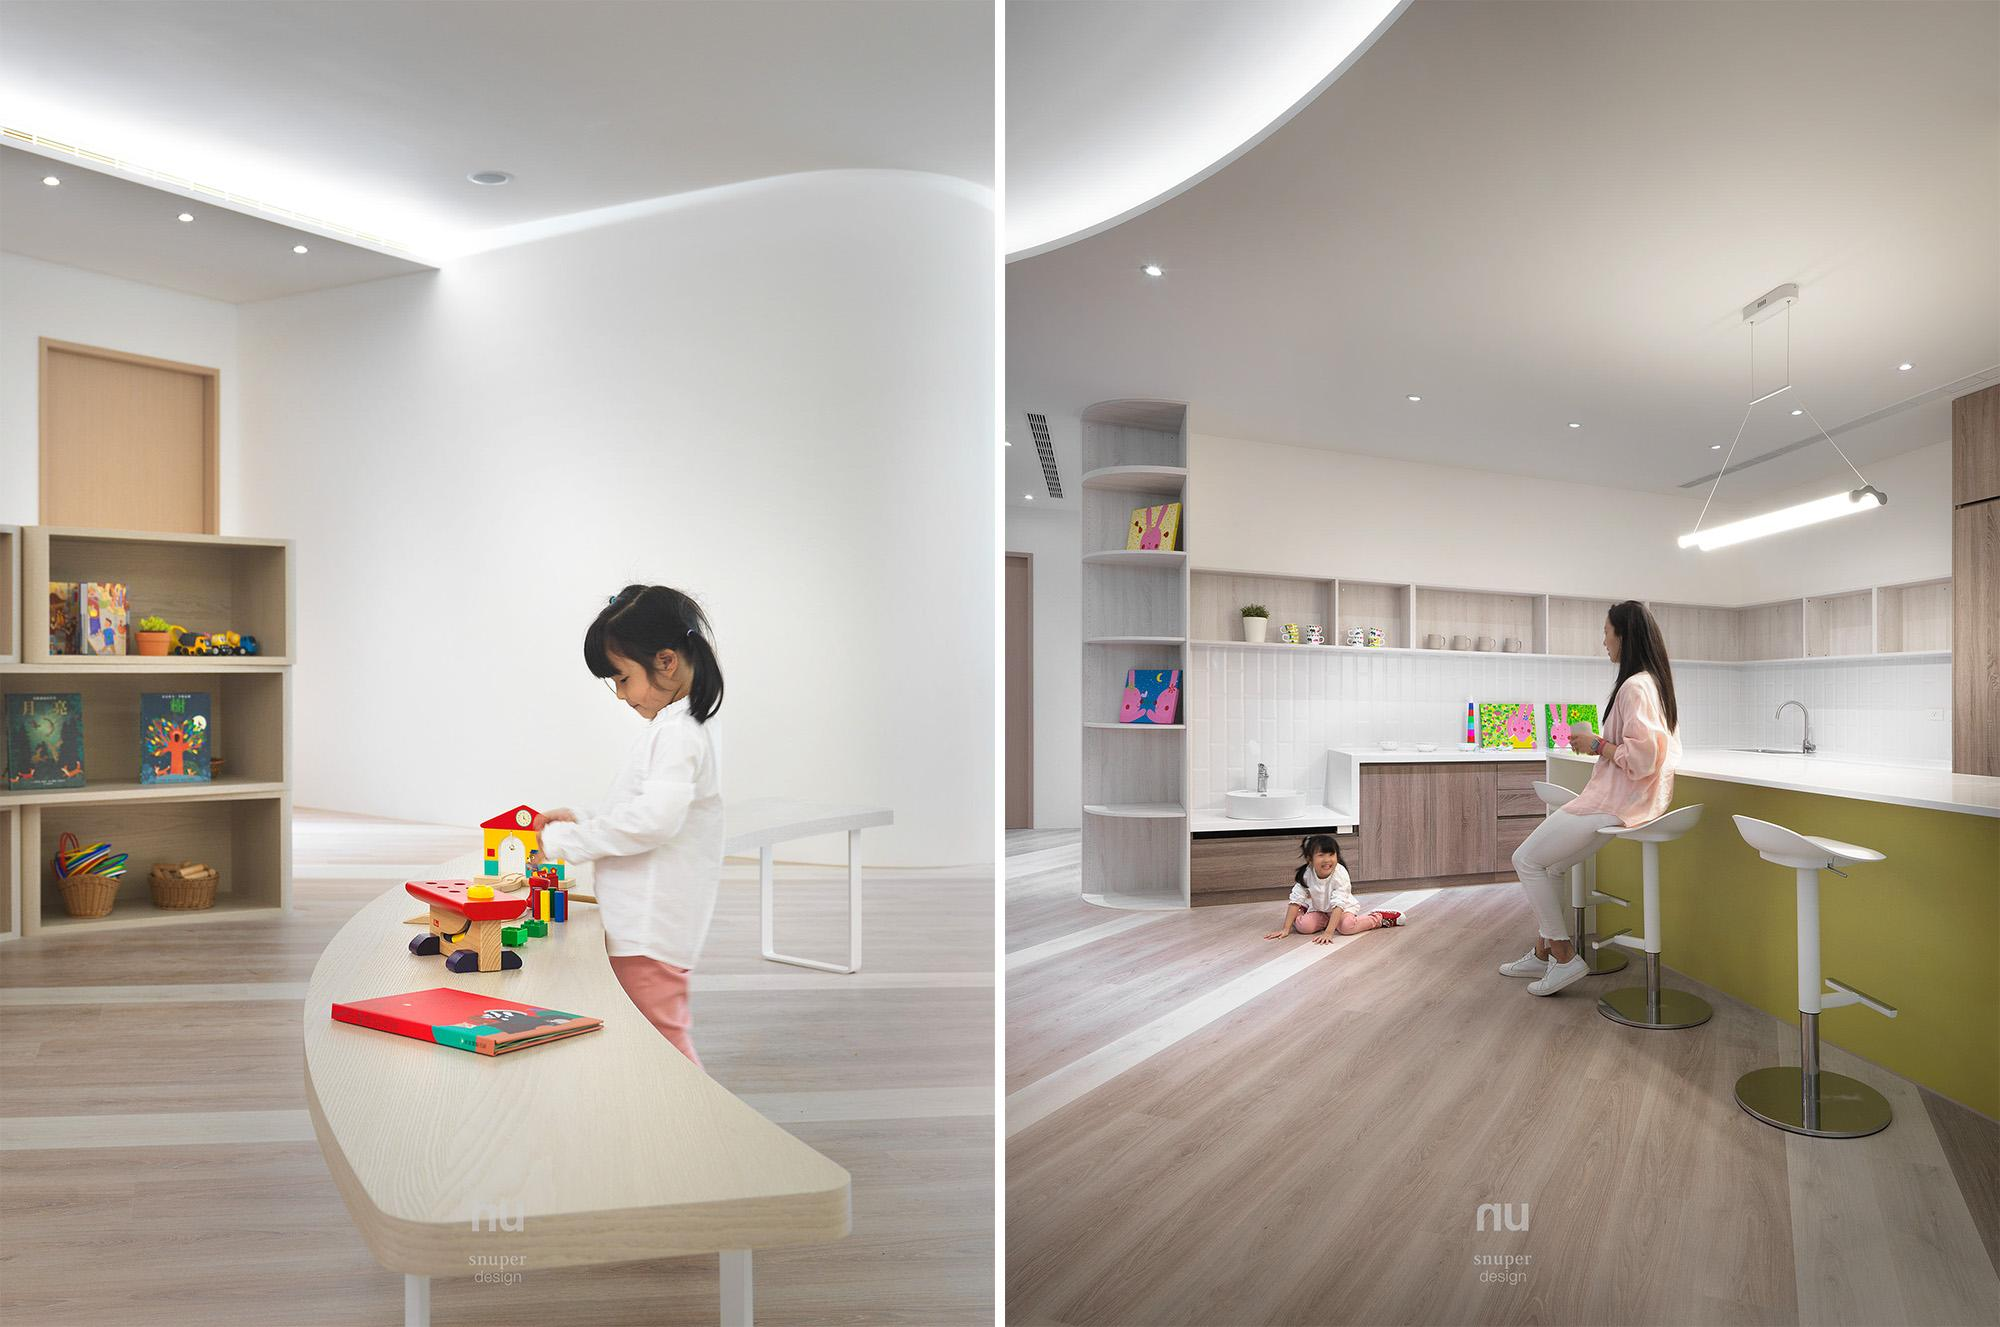 辦公室設計 - 遊樂區 輕食區